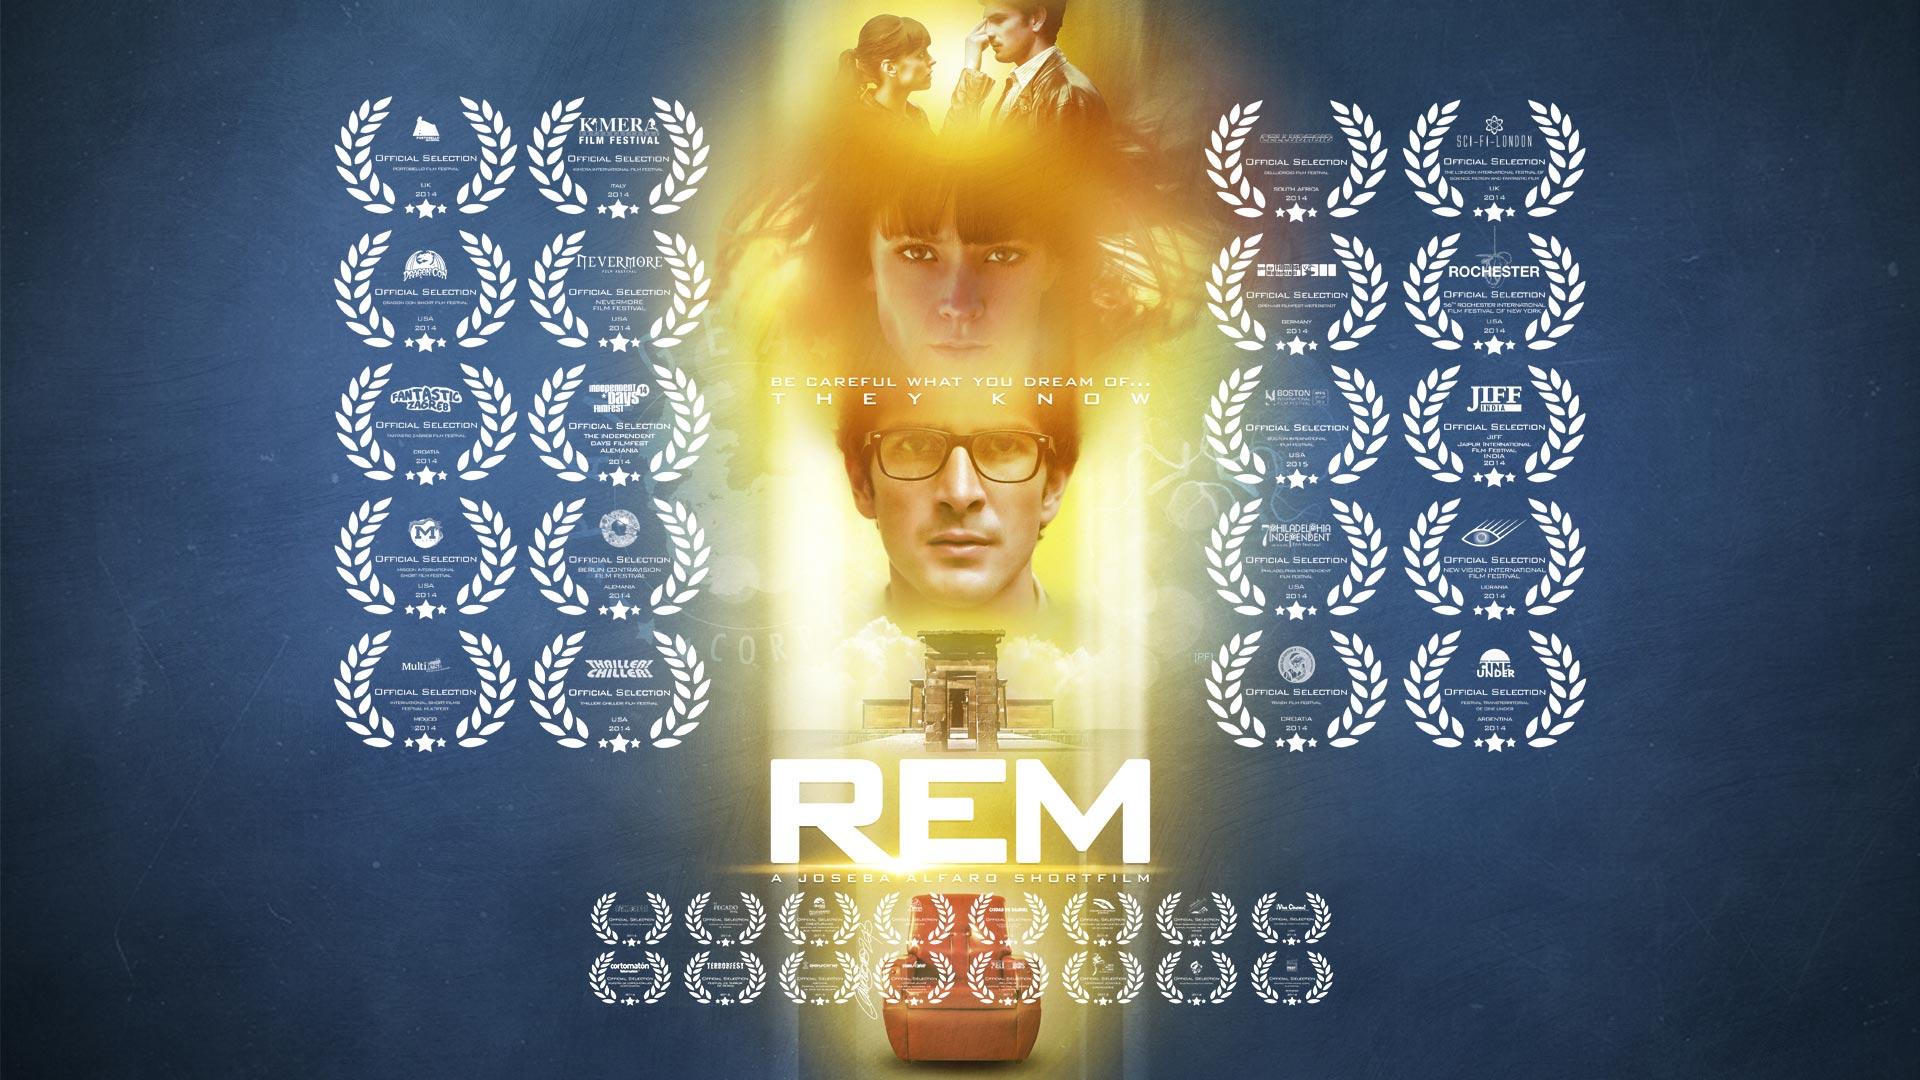 REM Short film